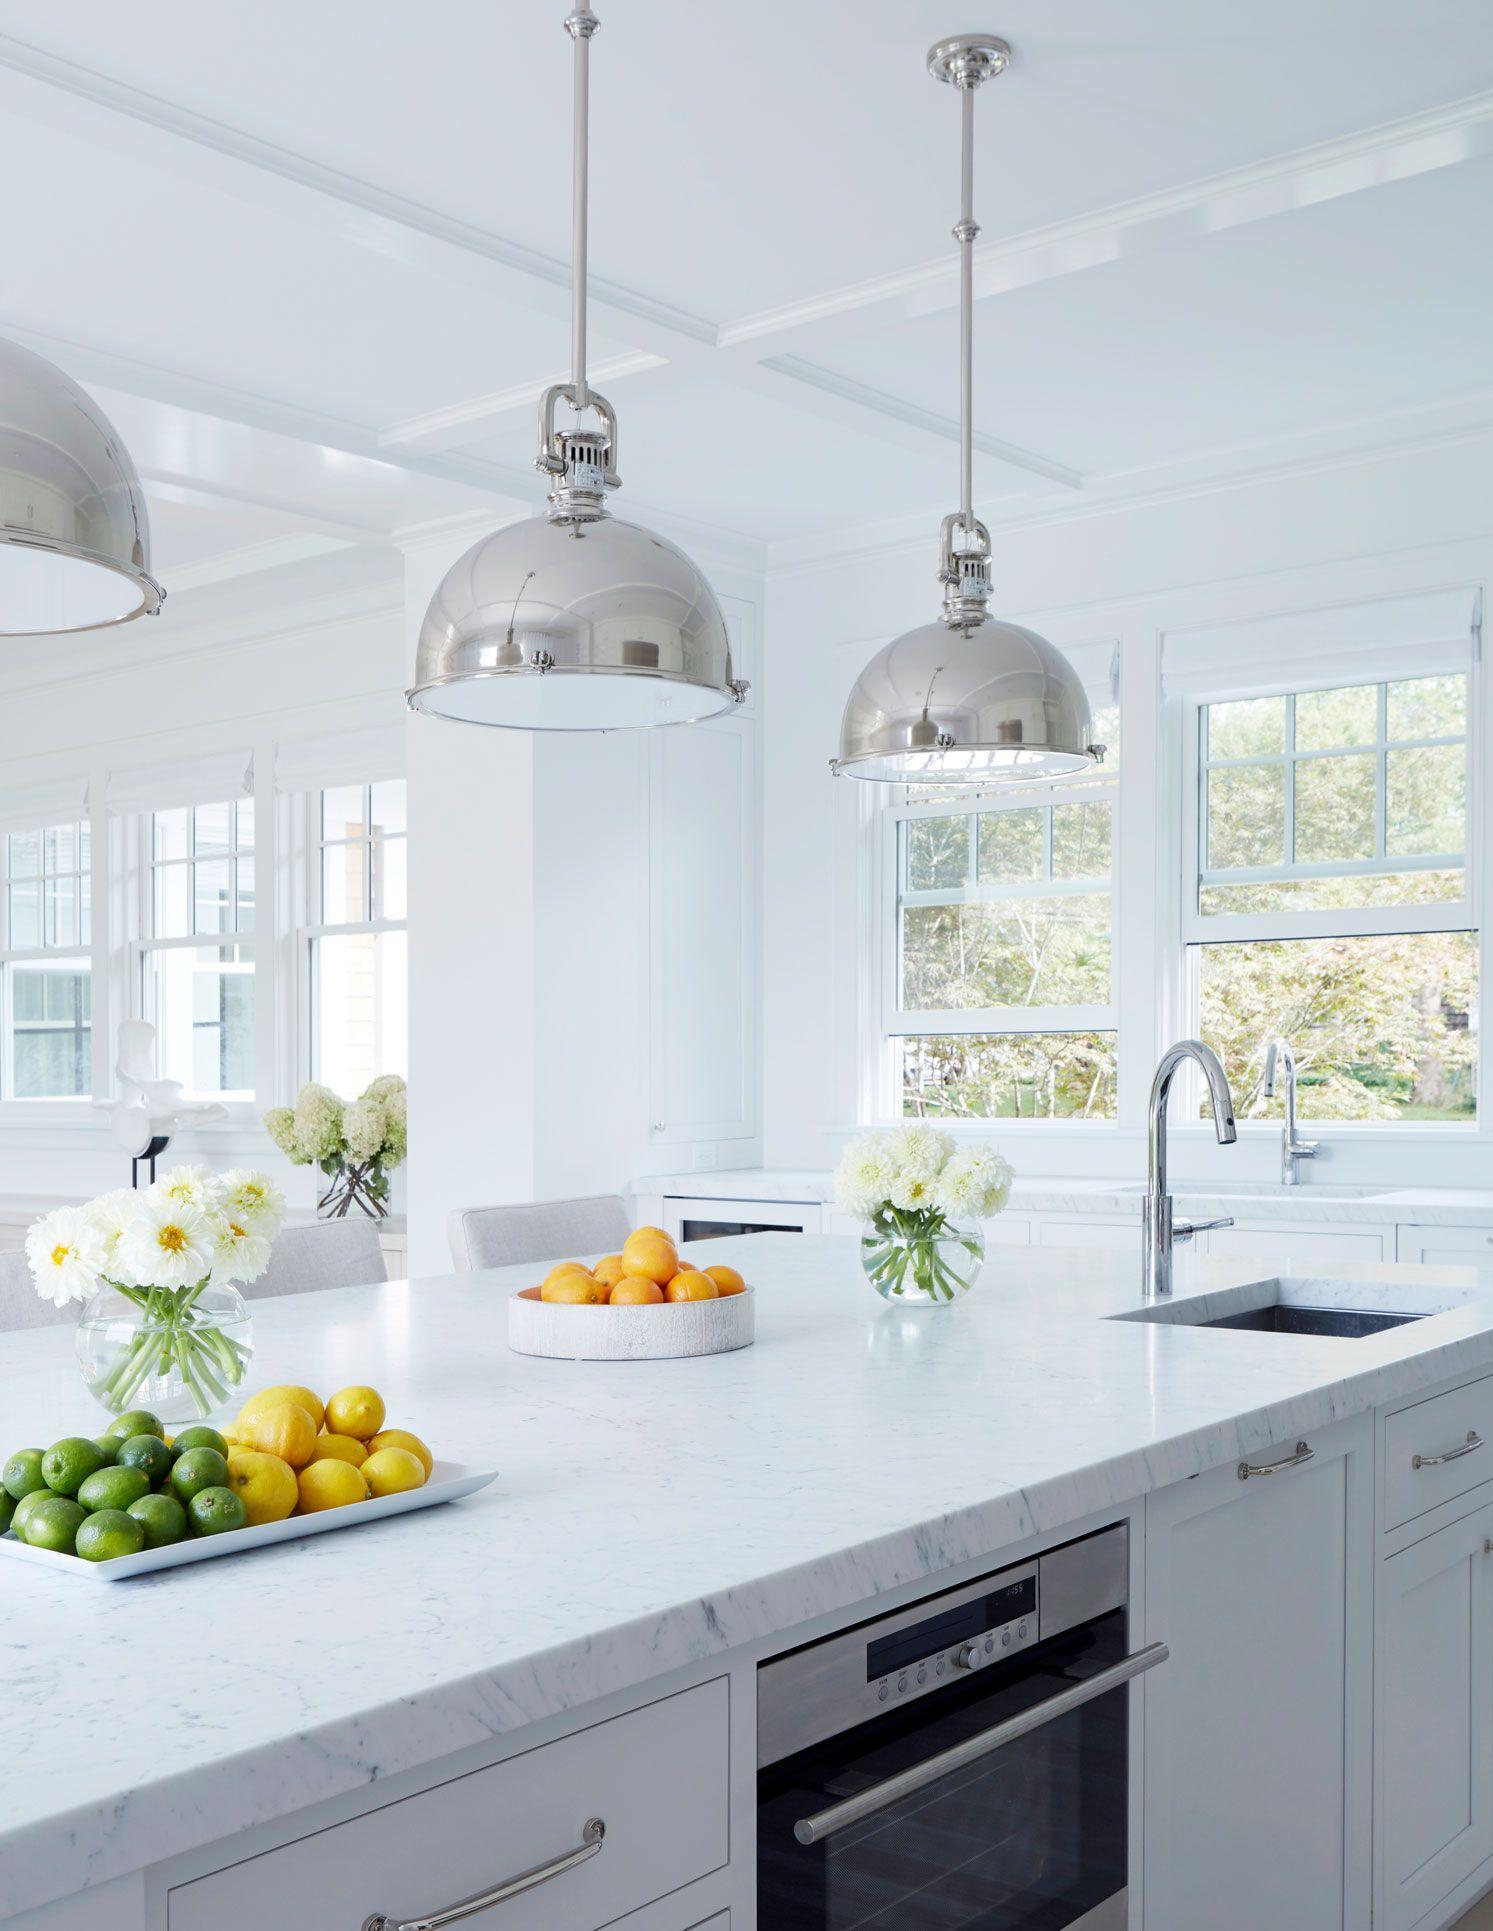 Interior design & architectural advisement by Chango & Co ...